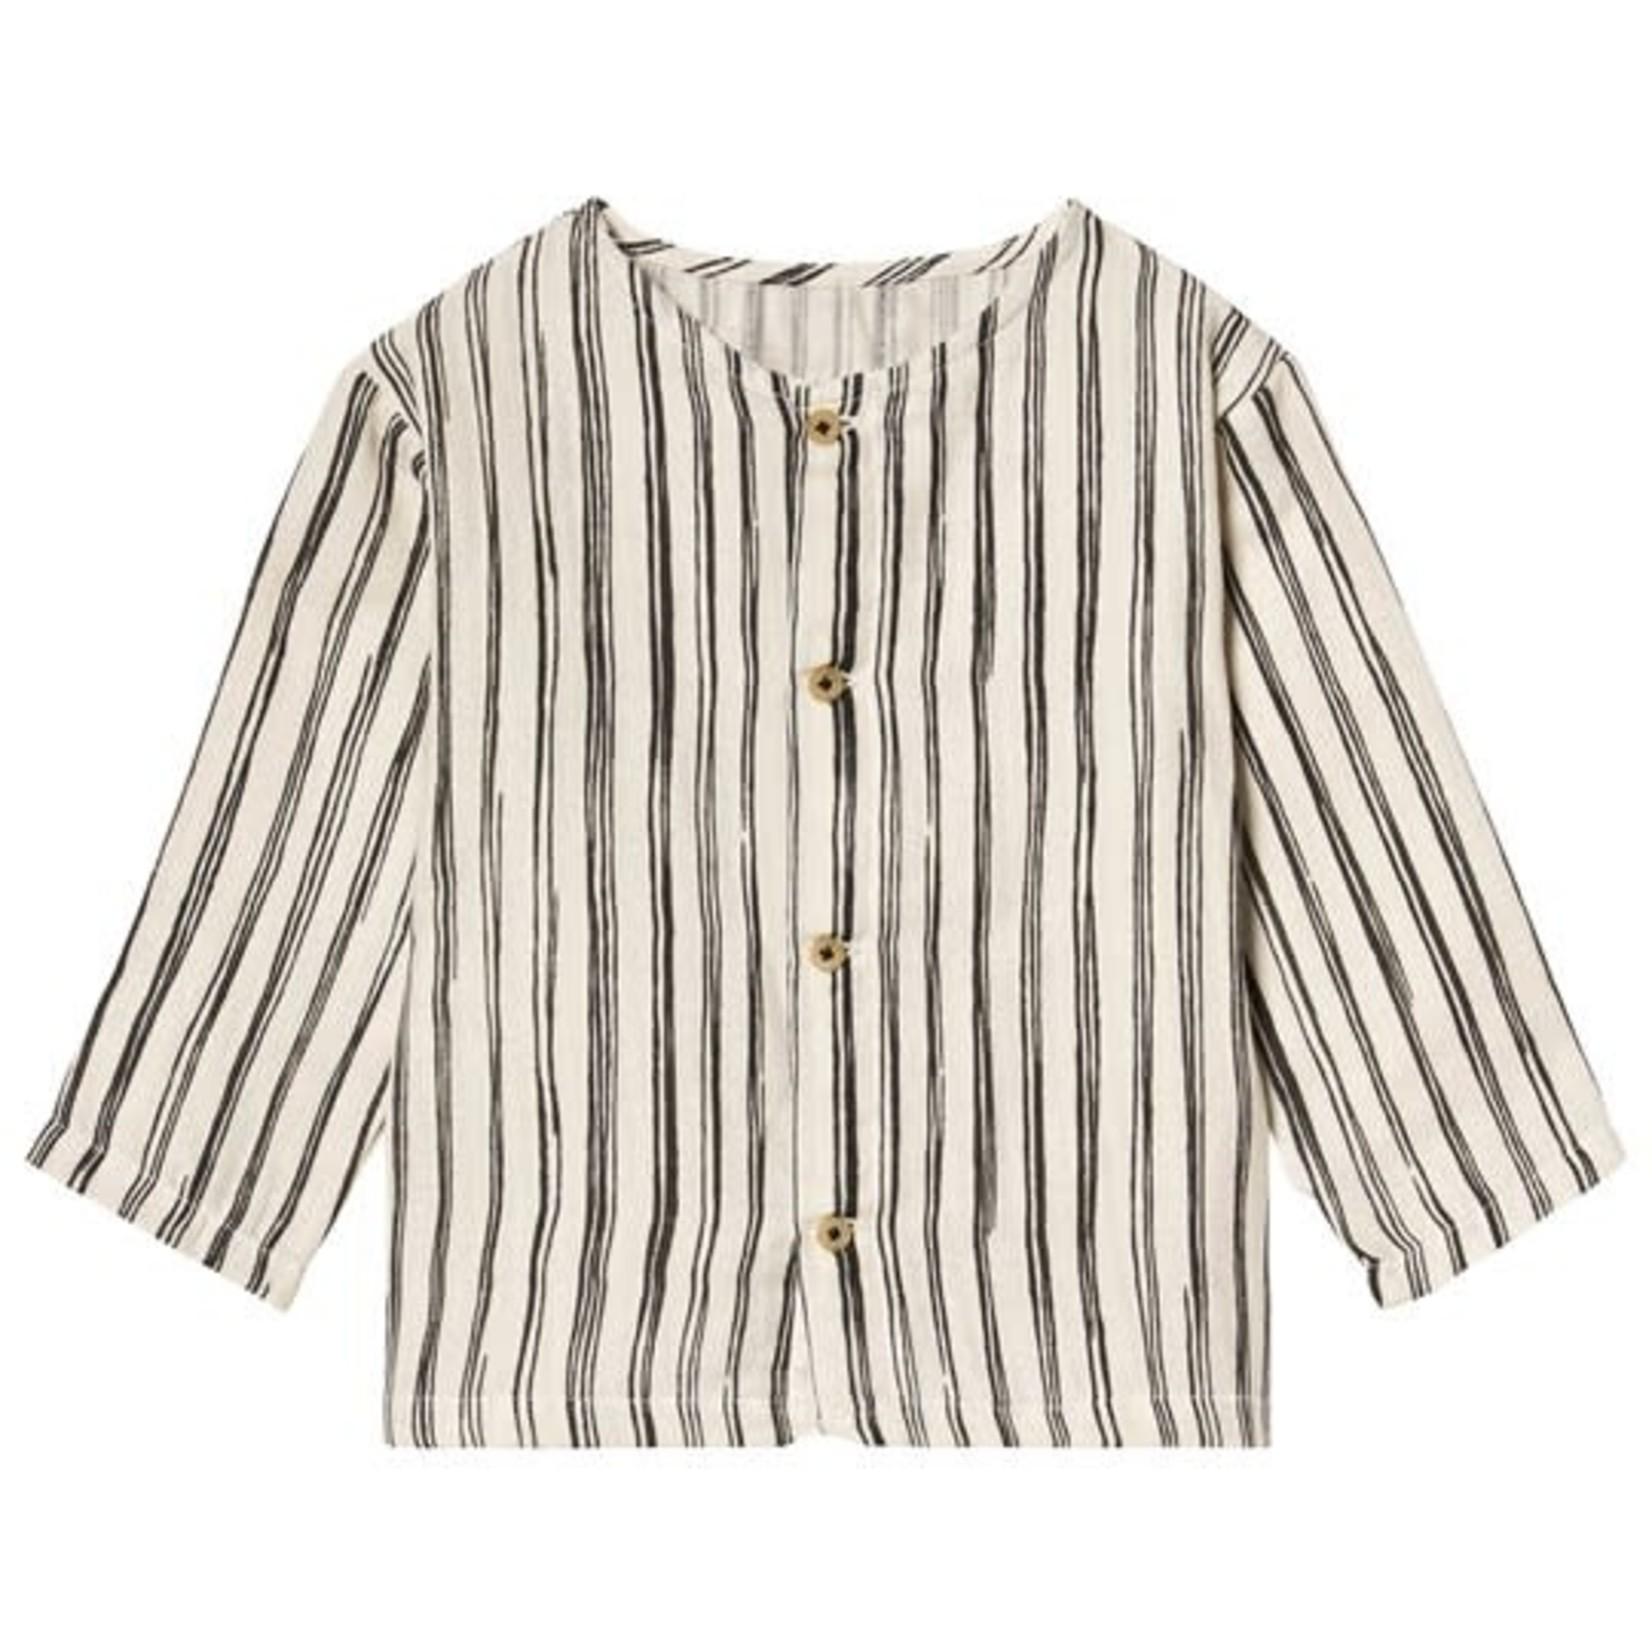 Little Creative Factory Baby Bamboo Long Shirt